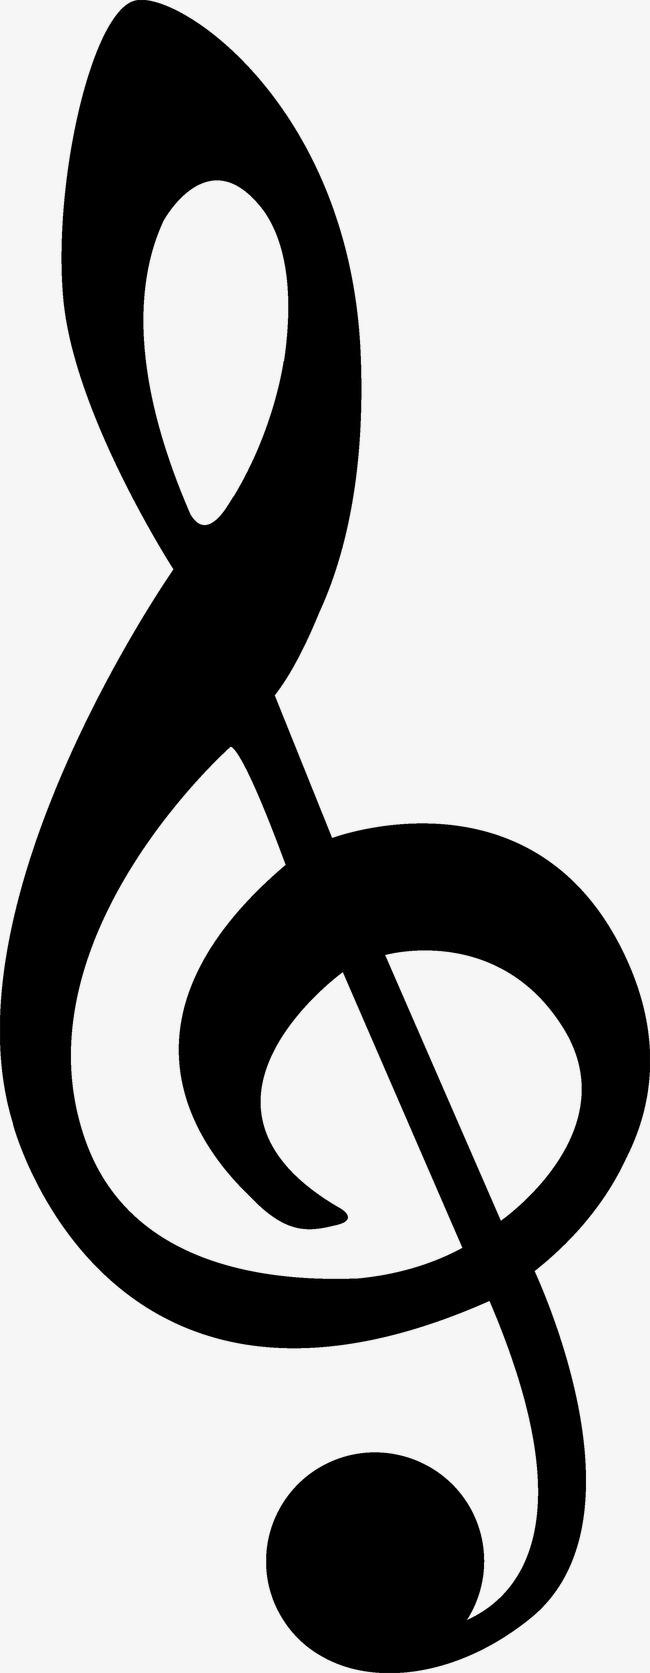 logo 标识 标志 设计 矢量 矢量图 素材 图标 650_1673 竖版 竖屏